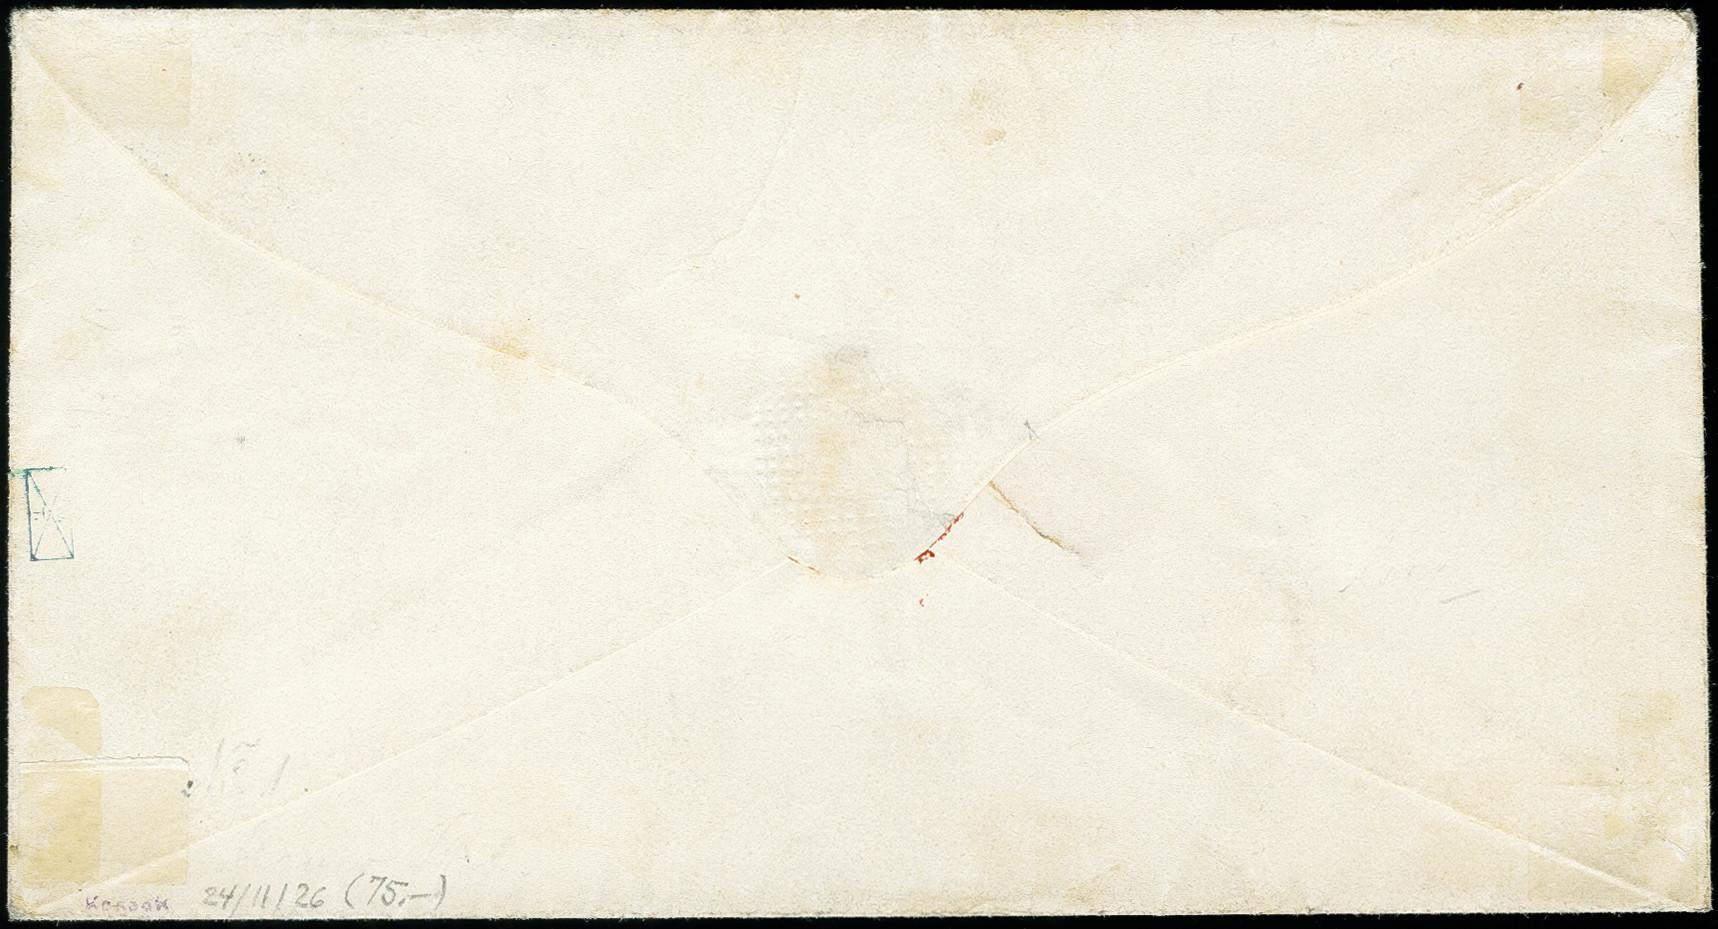 Lot 2508 - german states mecklenburg-schwerin -  Heinrich Koehler Auktionen Auction #371- Day 5